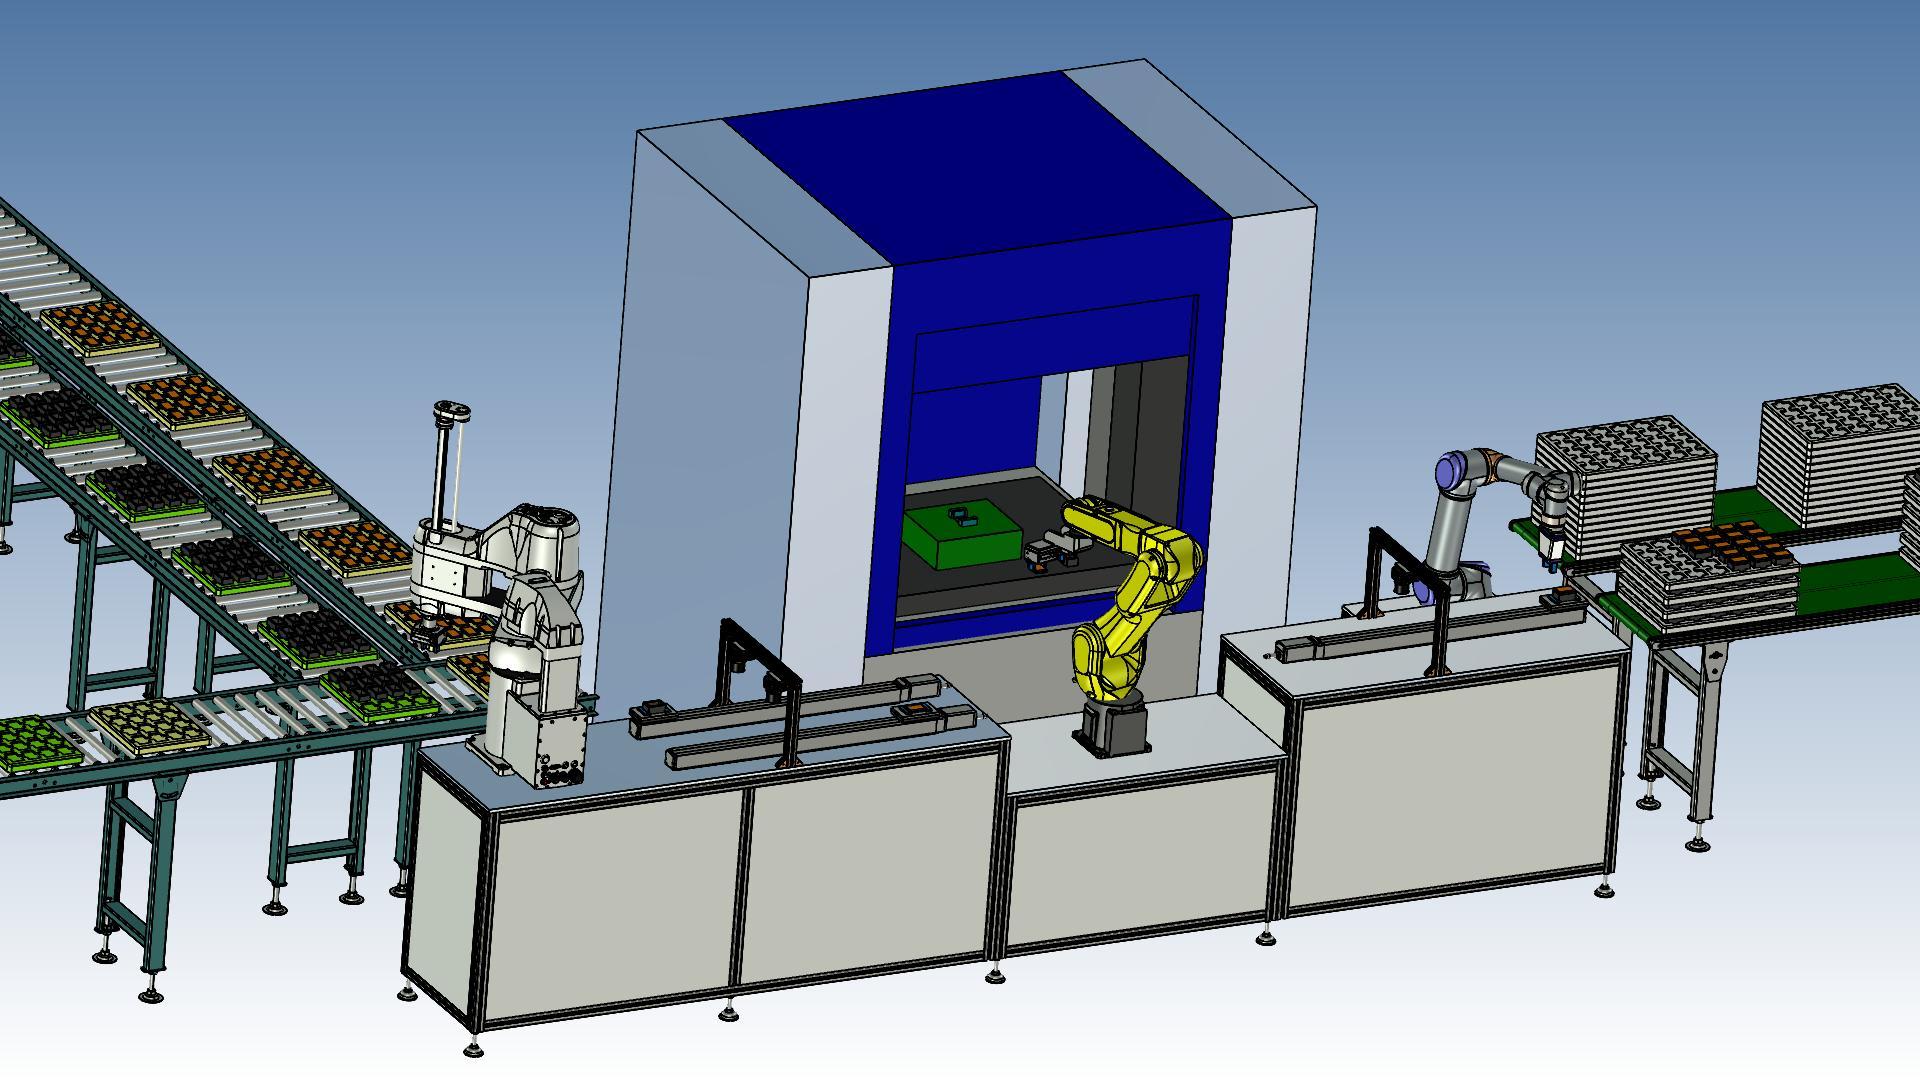 ロボットソリューション 表題部イメージデータ